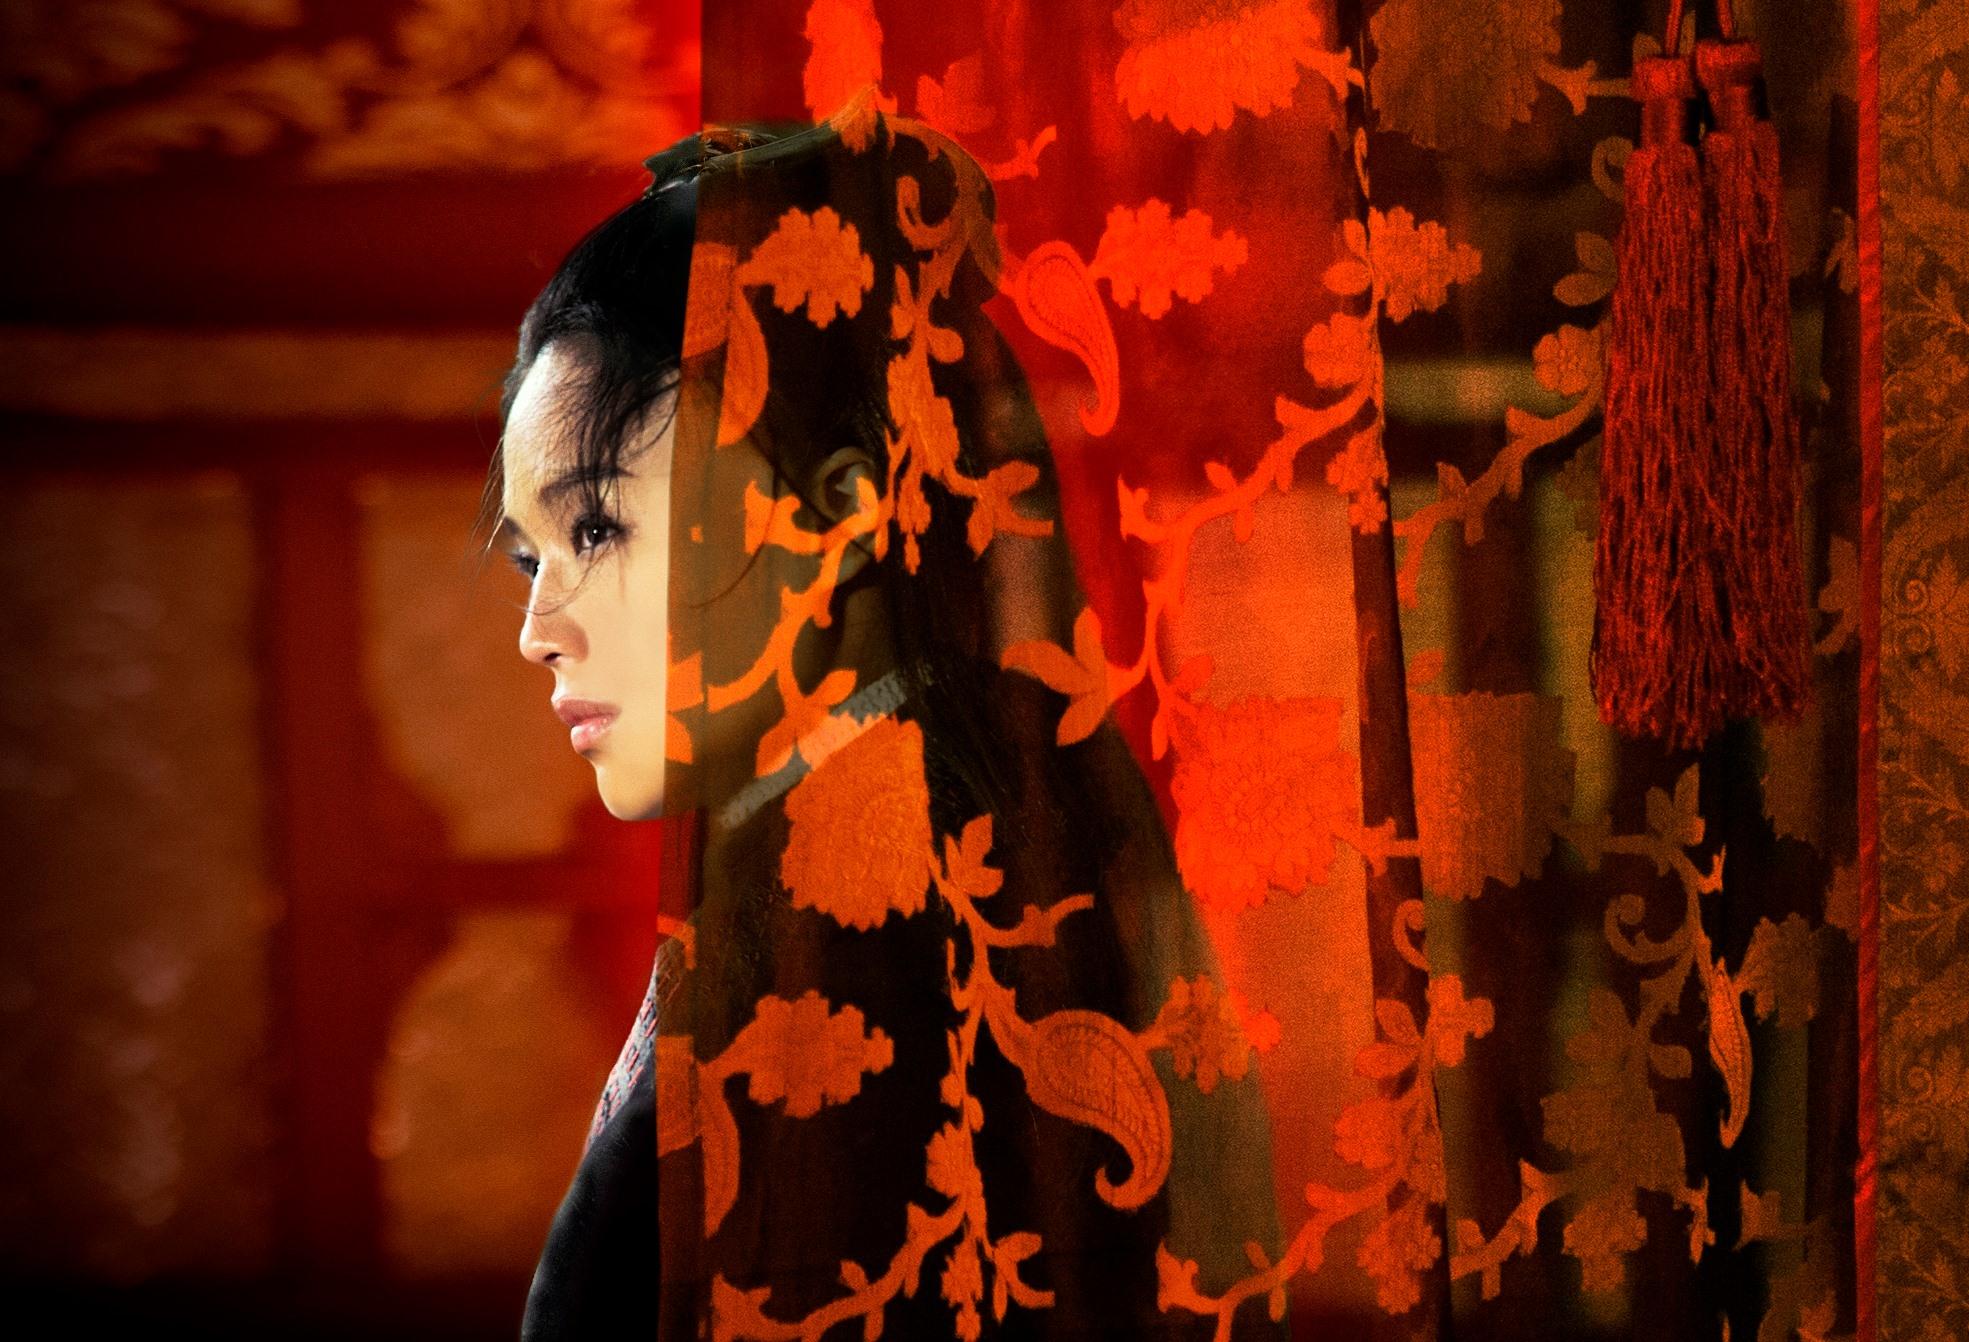 舒淇飾演的女刺客,《刺客聶隱娘》劇照